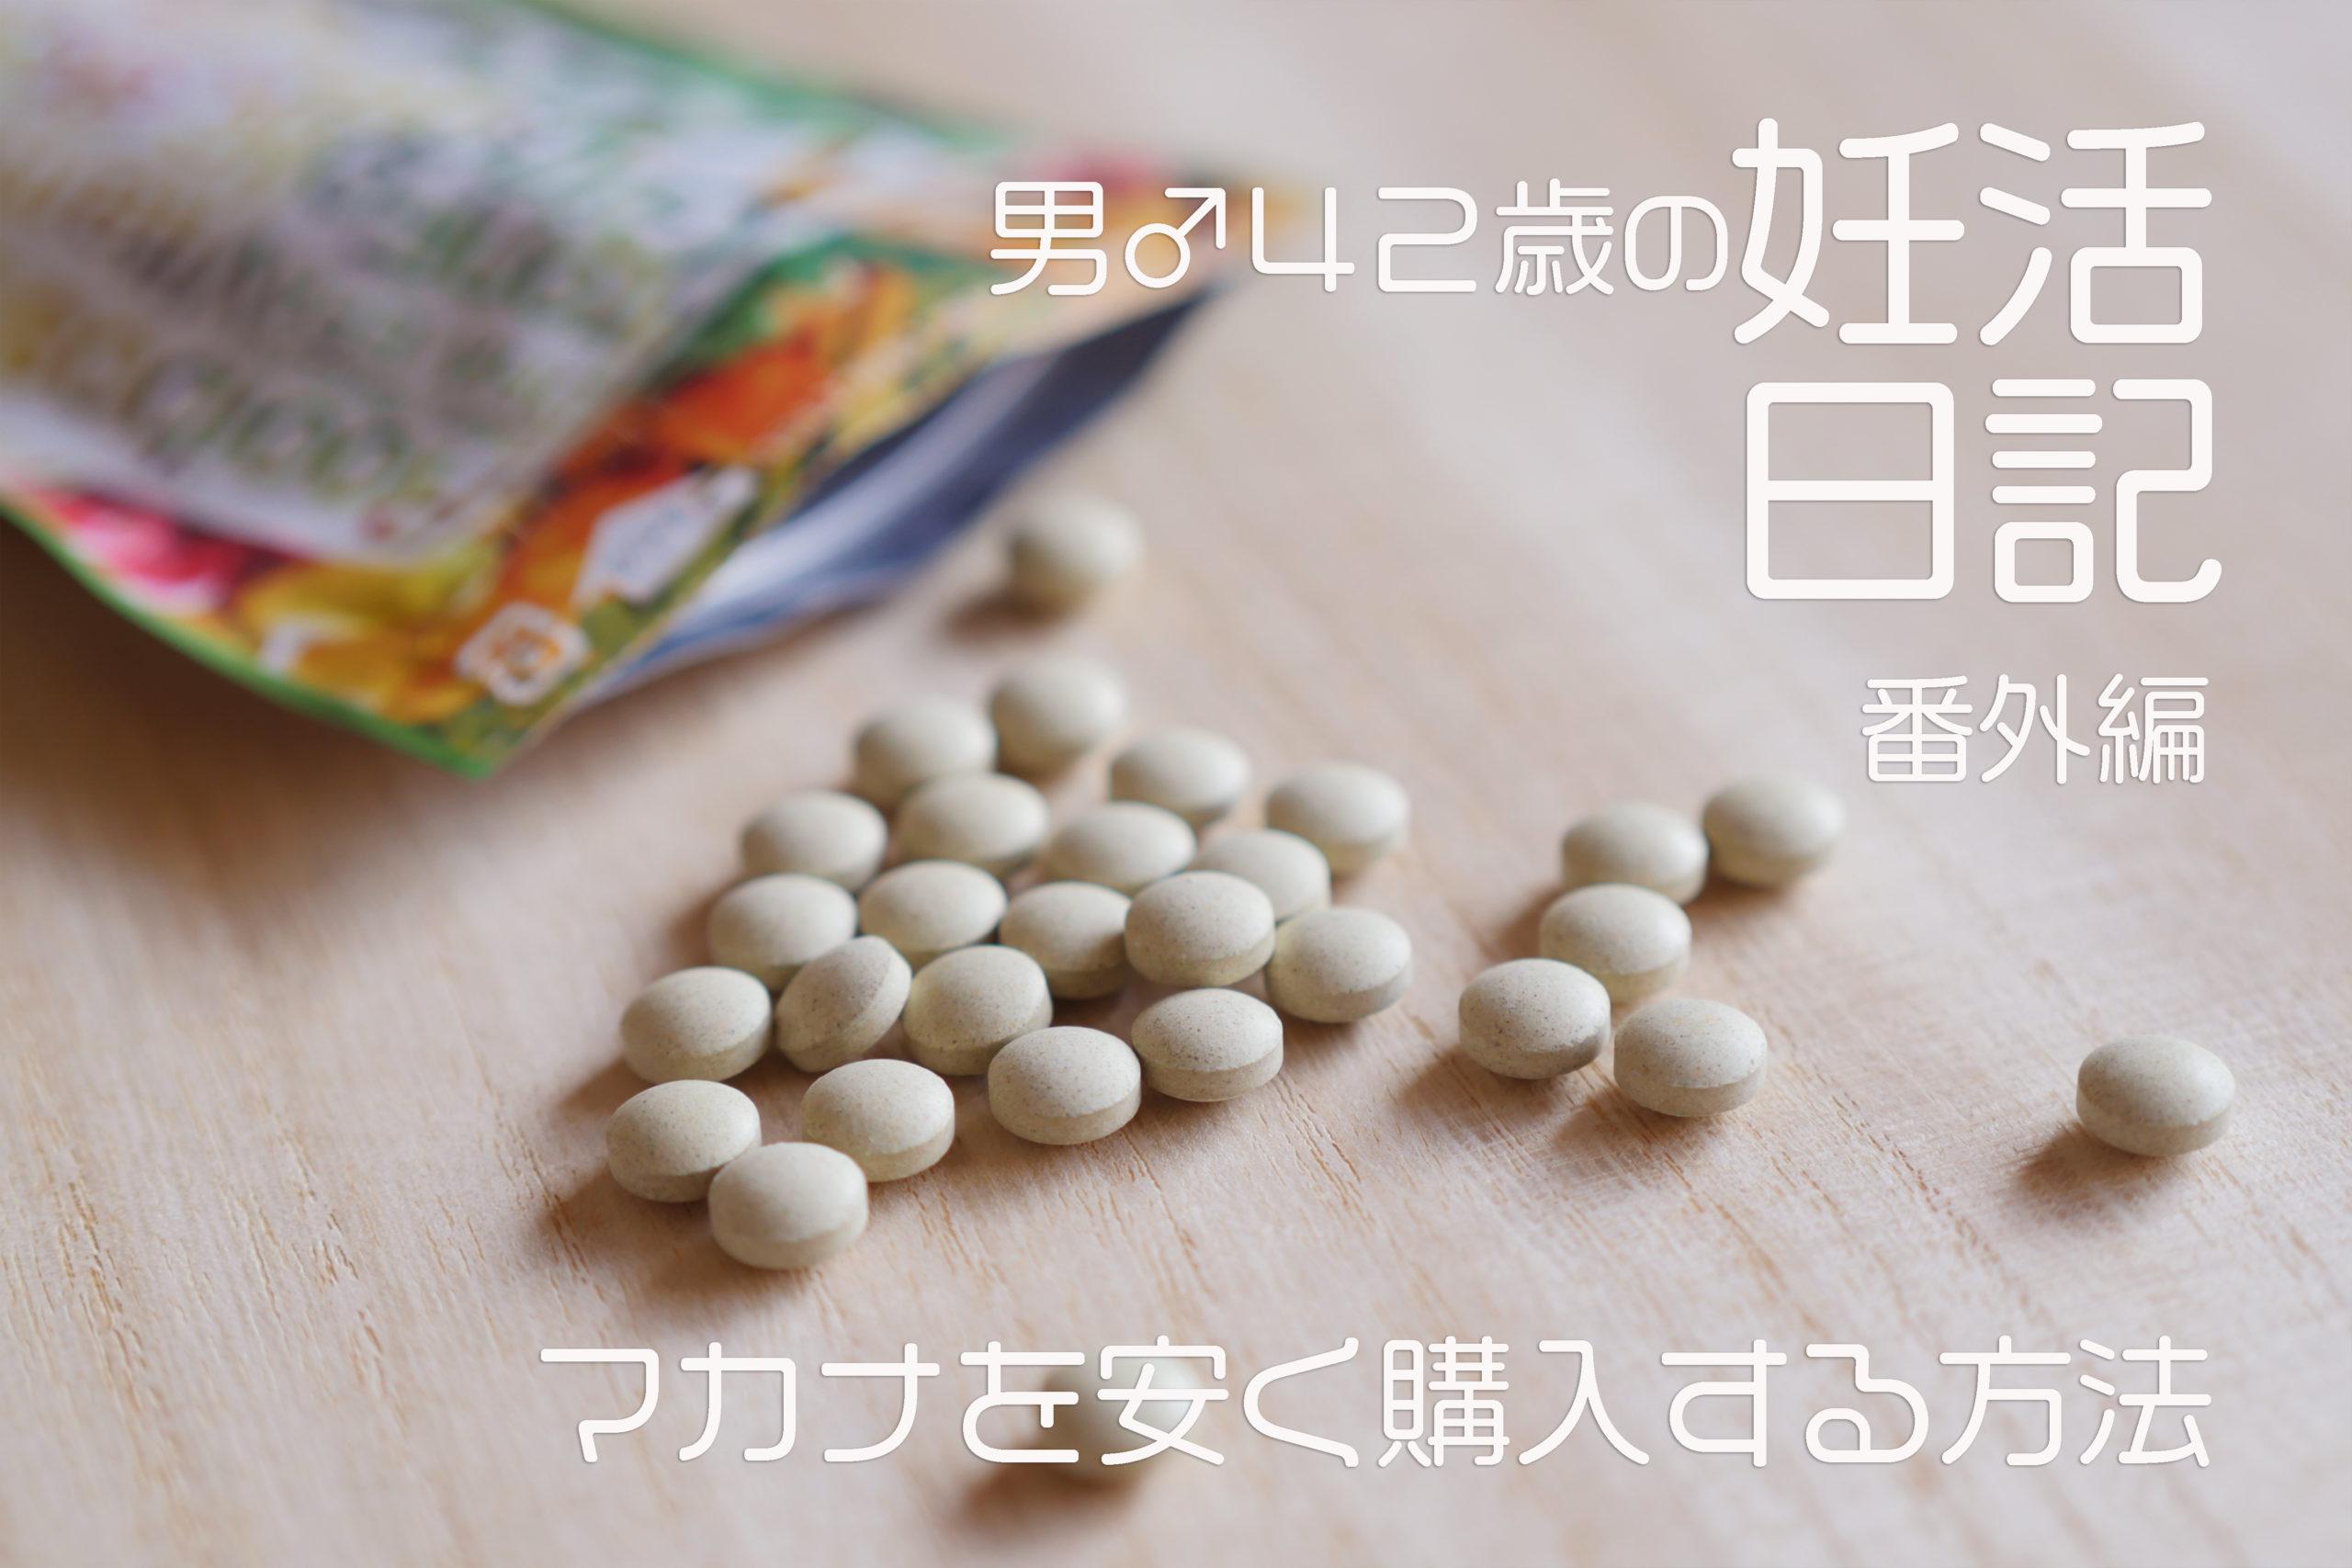 葉酸サプリ「マカナ(makana)」 を最安値で購入する方法【男♂40代の不妊治療ブログ 番外編】